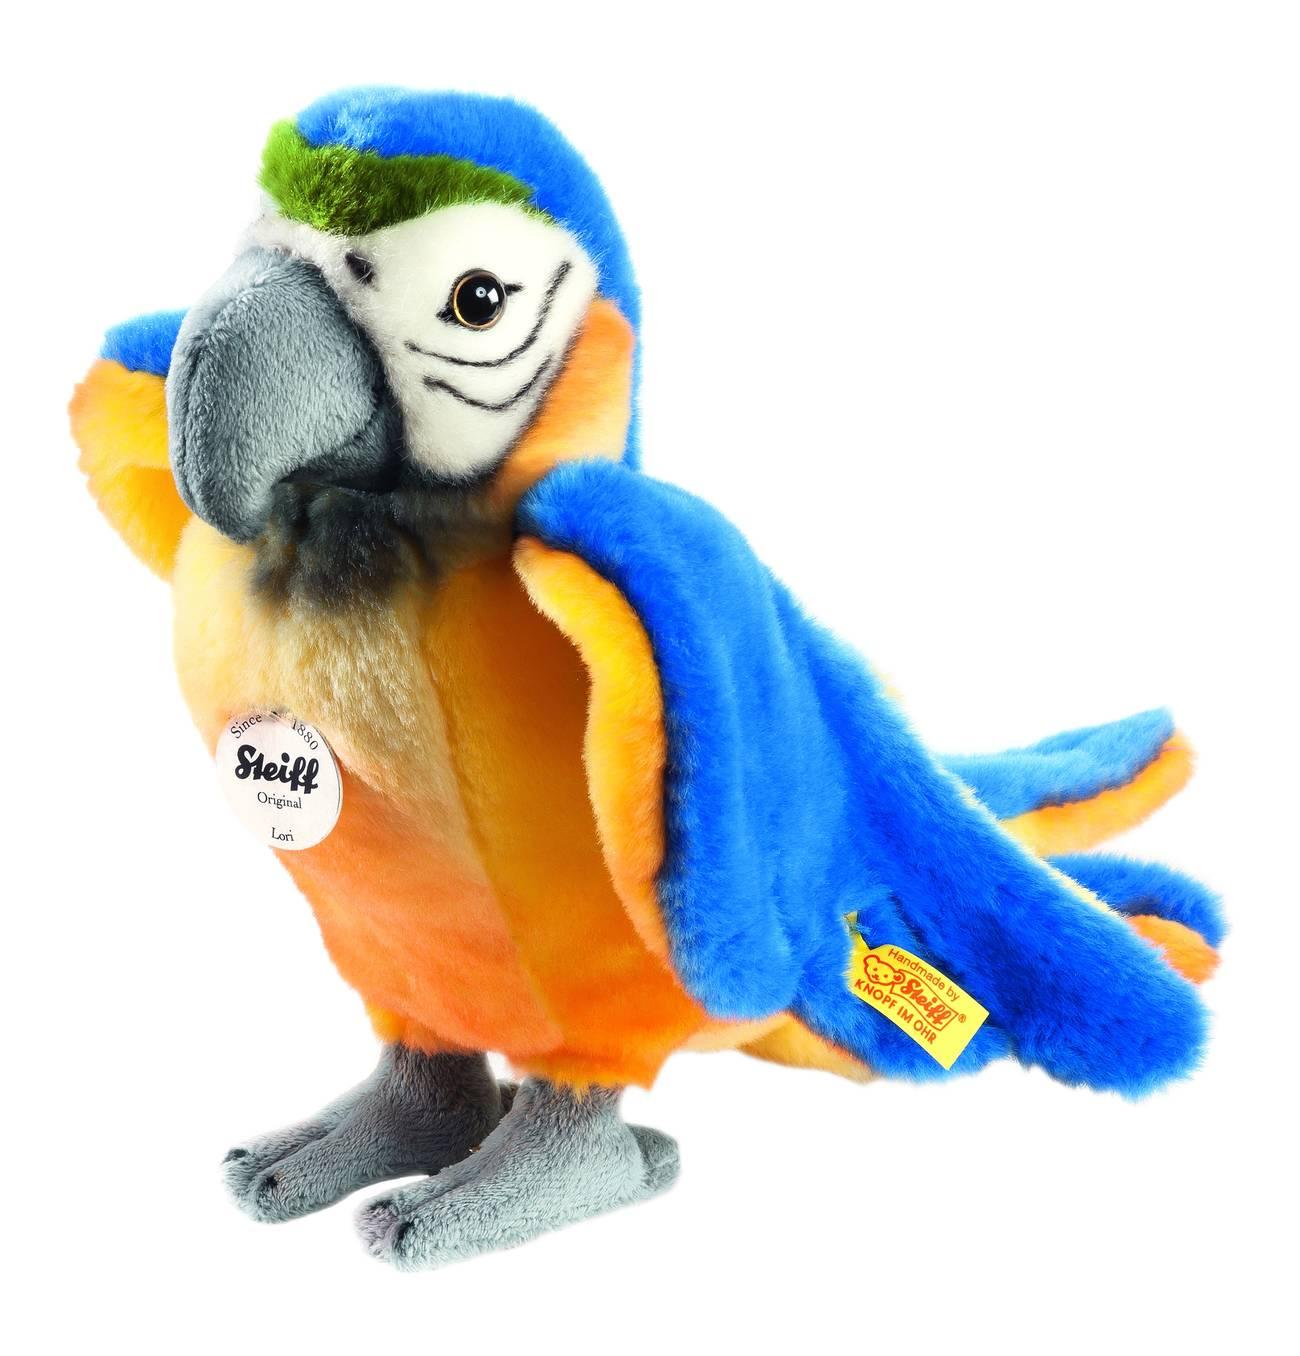 Papagei Lori 26 Cm Blau Gelb Kuscheln Blau Gelb Und National